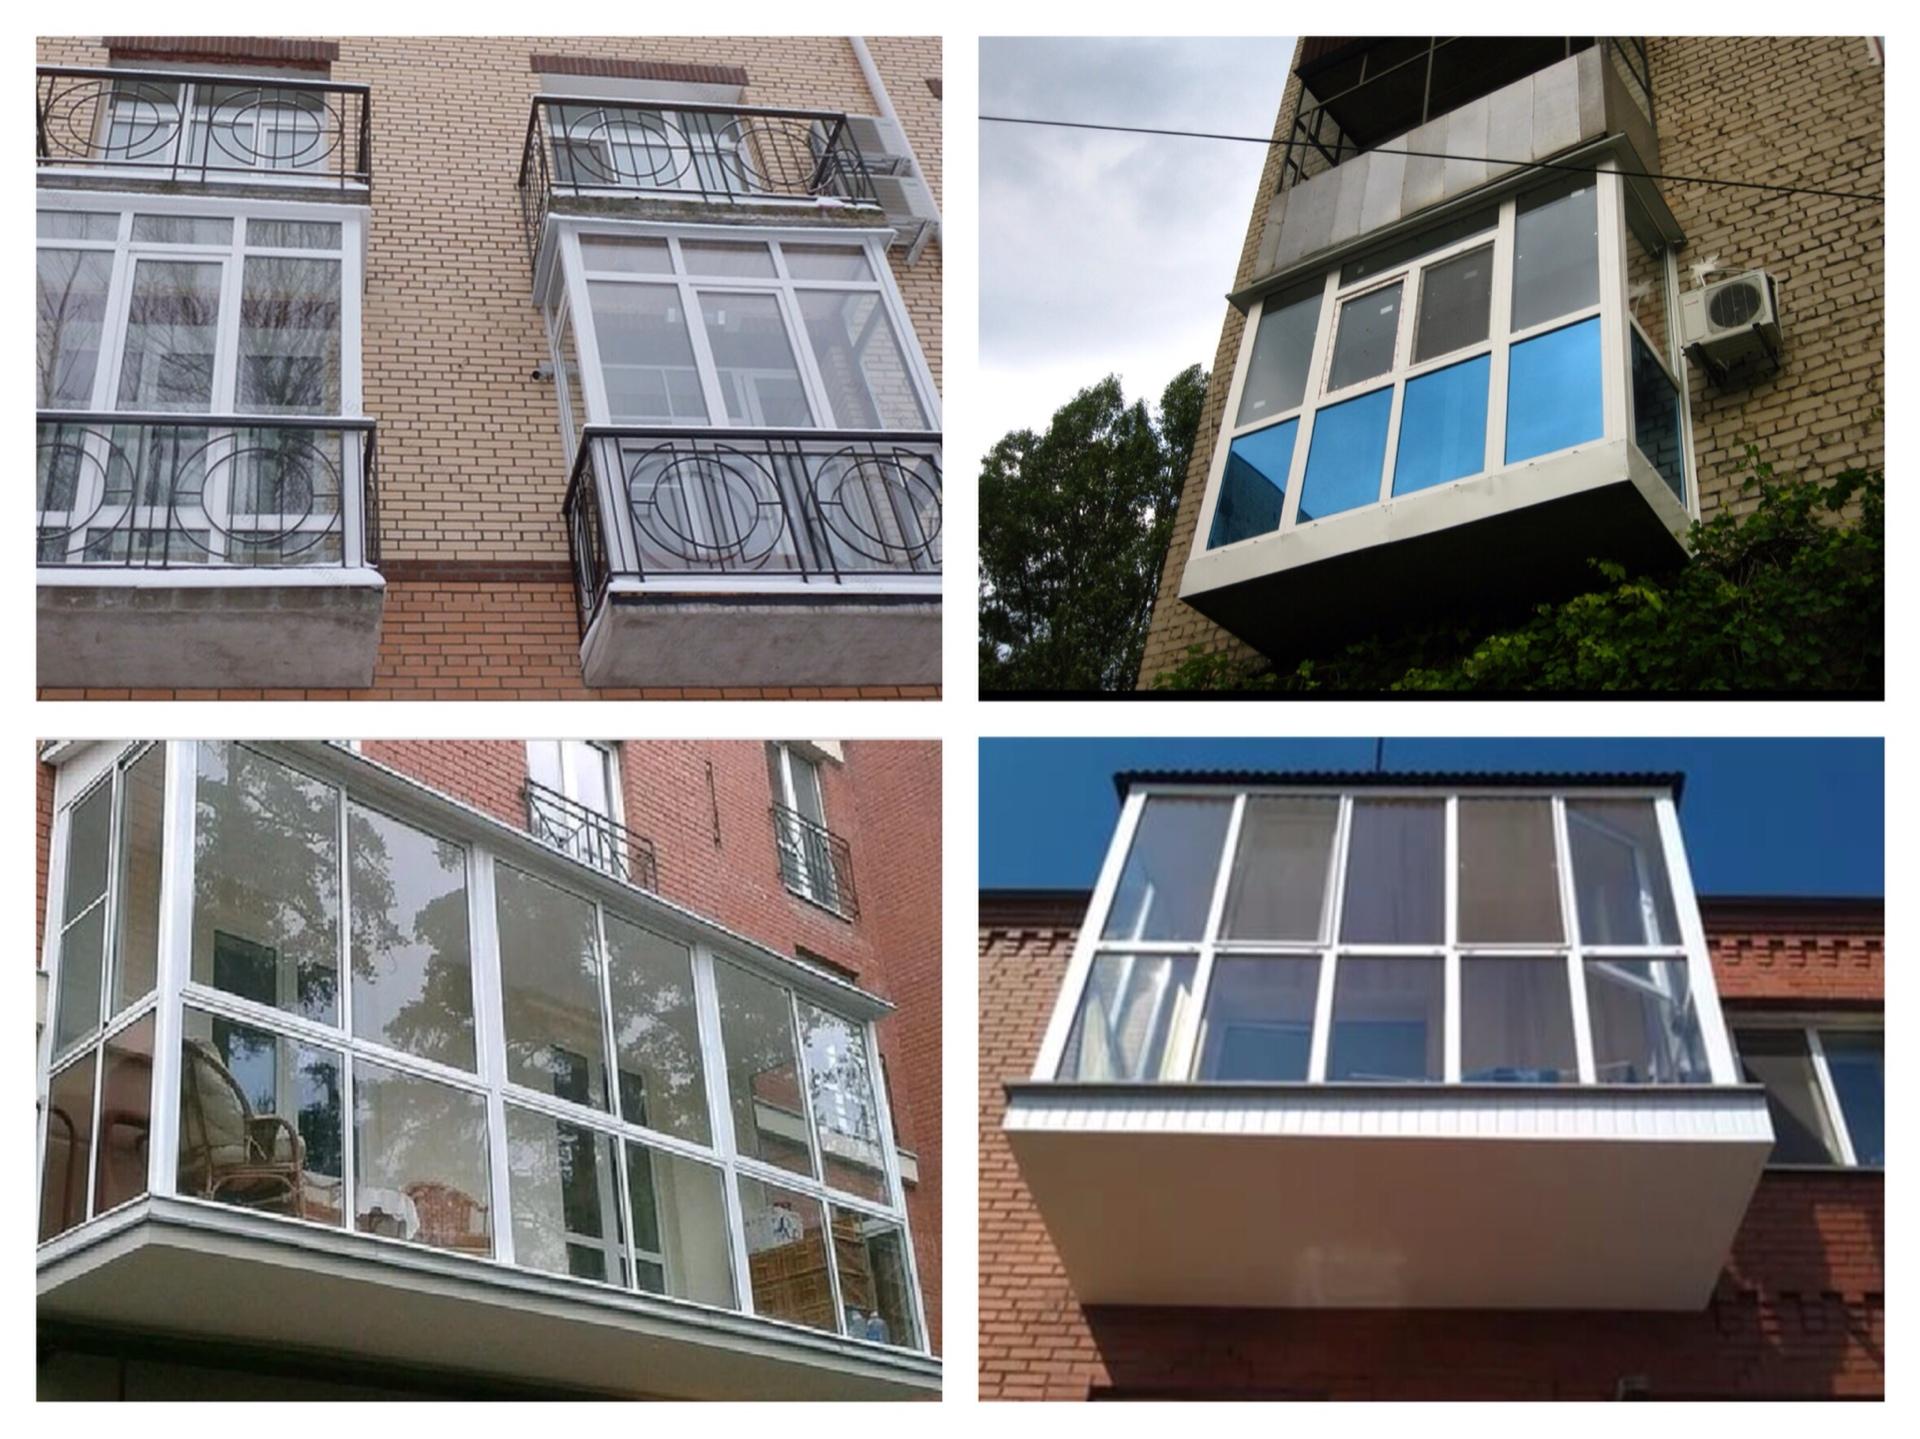 Панорамное остекление лоджии и балкона: фото, сравнение вари.